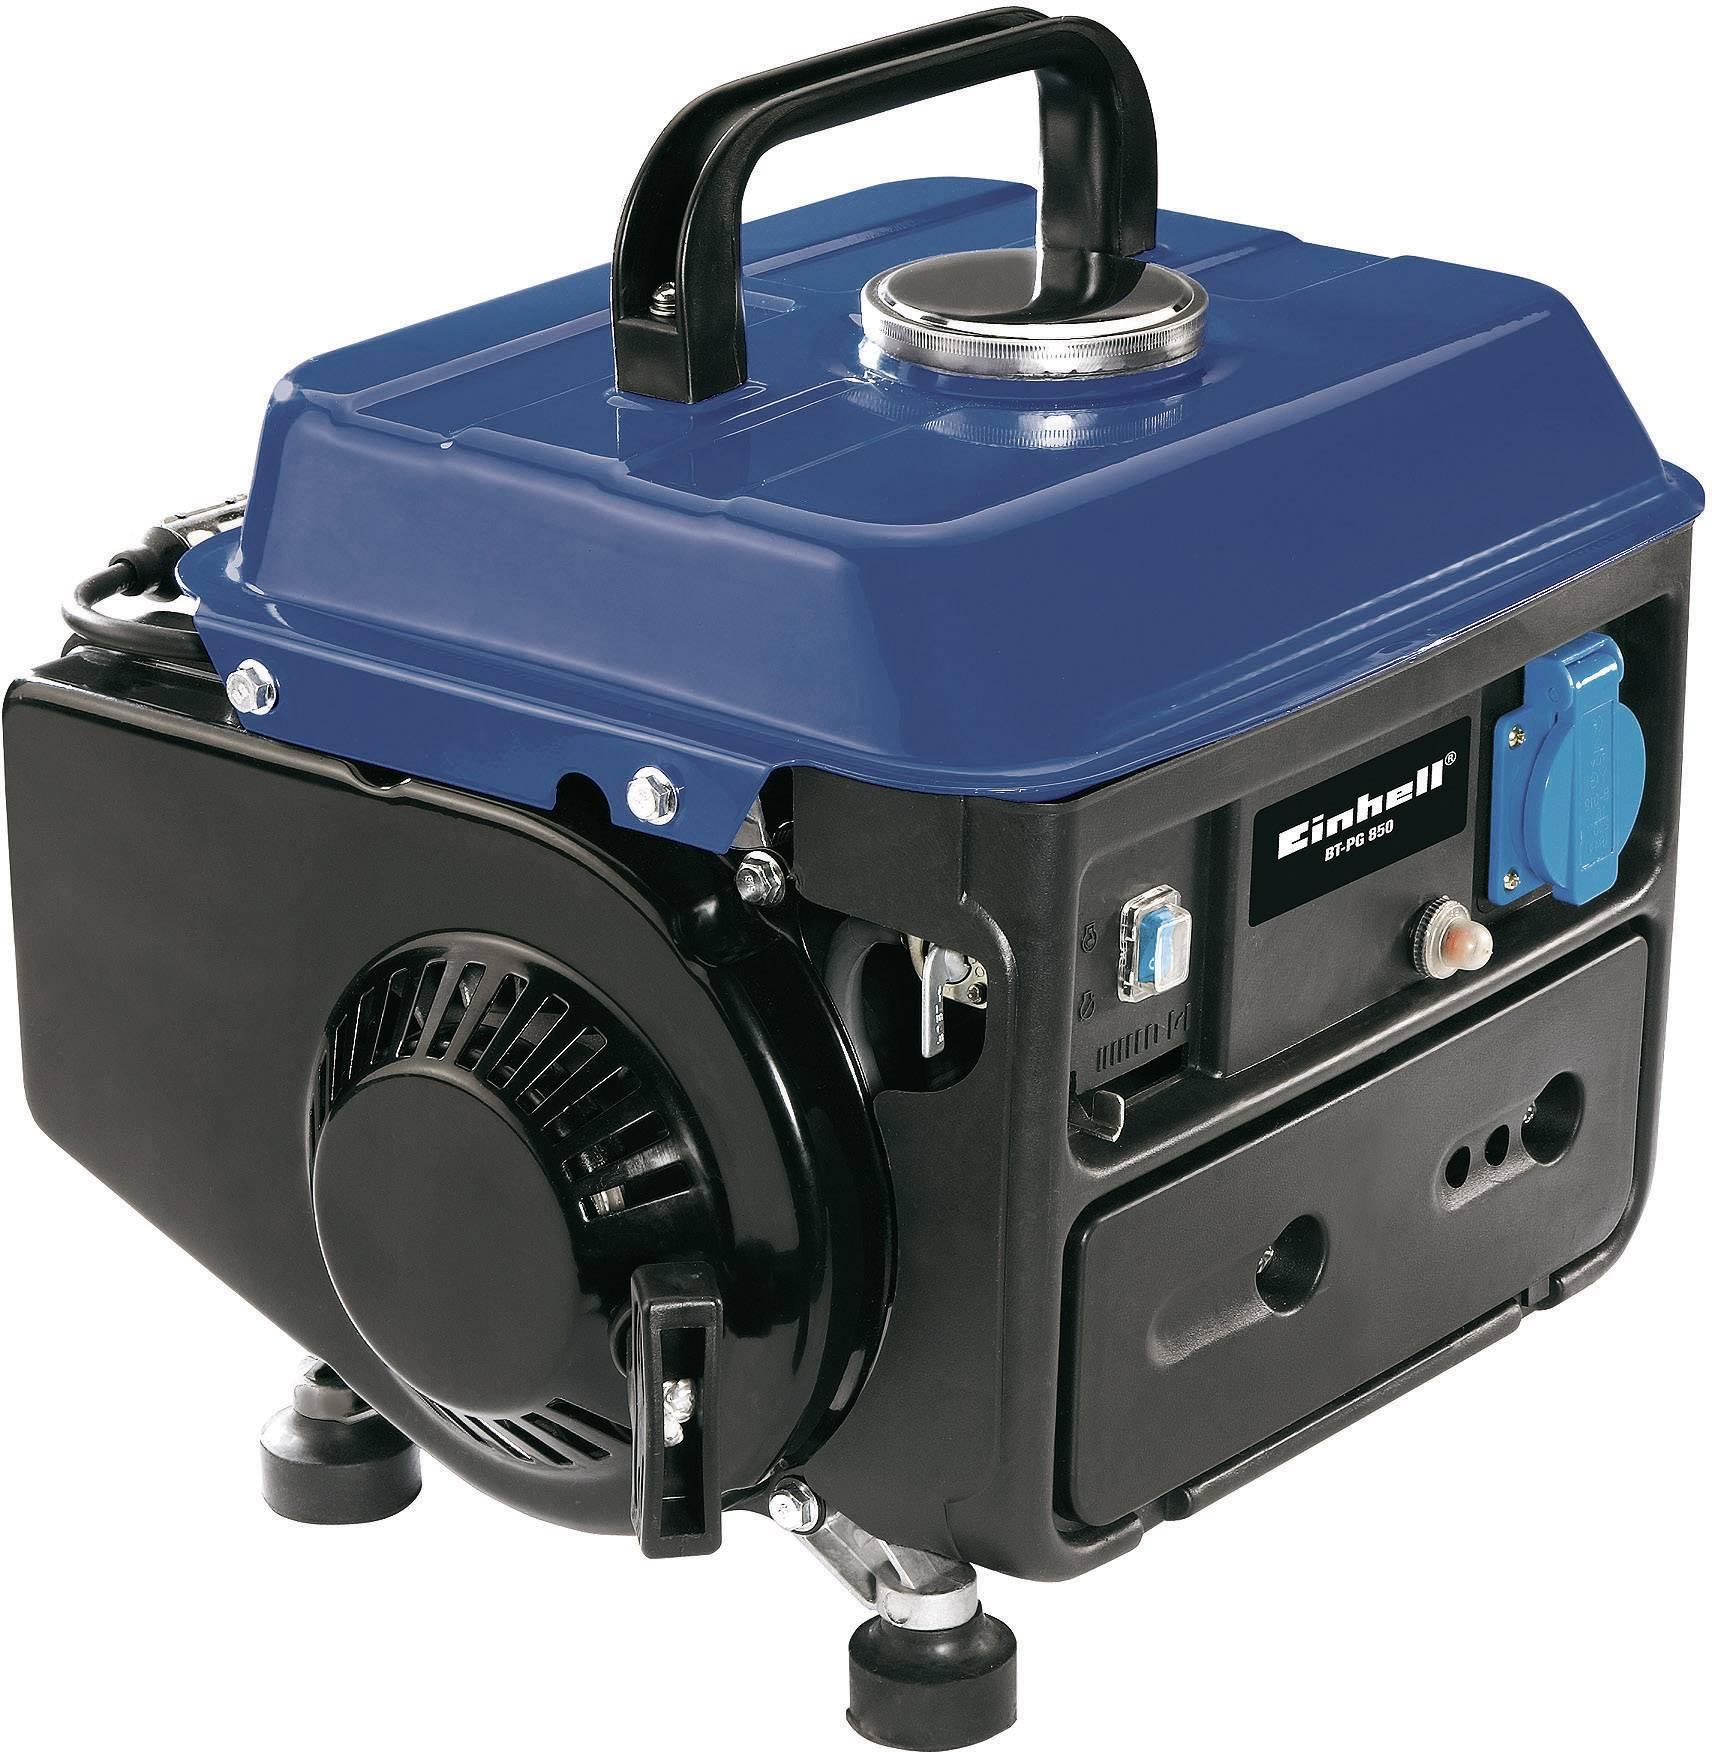 W Ultra Agregat prądotwórczy Einhell BT-PG 850 4151225, 650 W | Zamów w PJ32